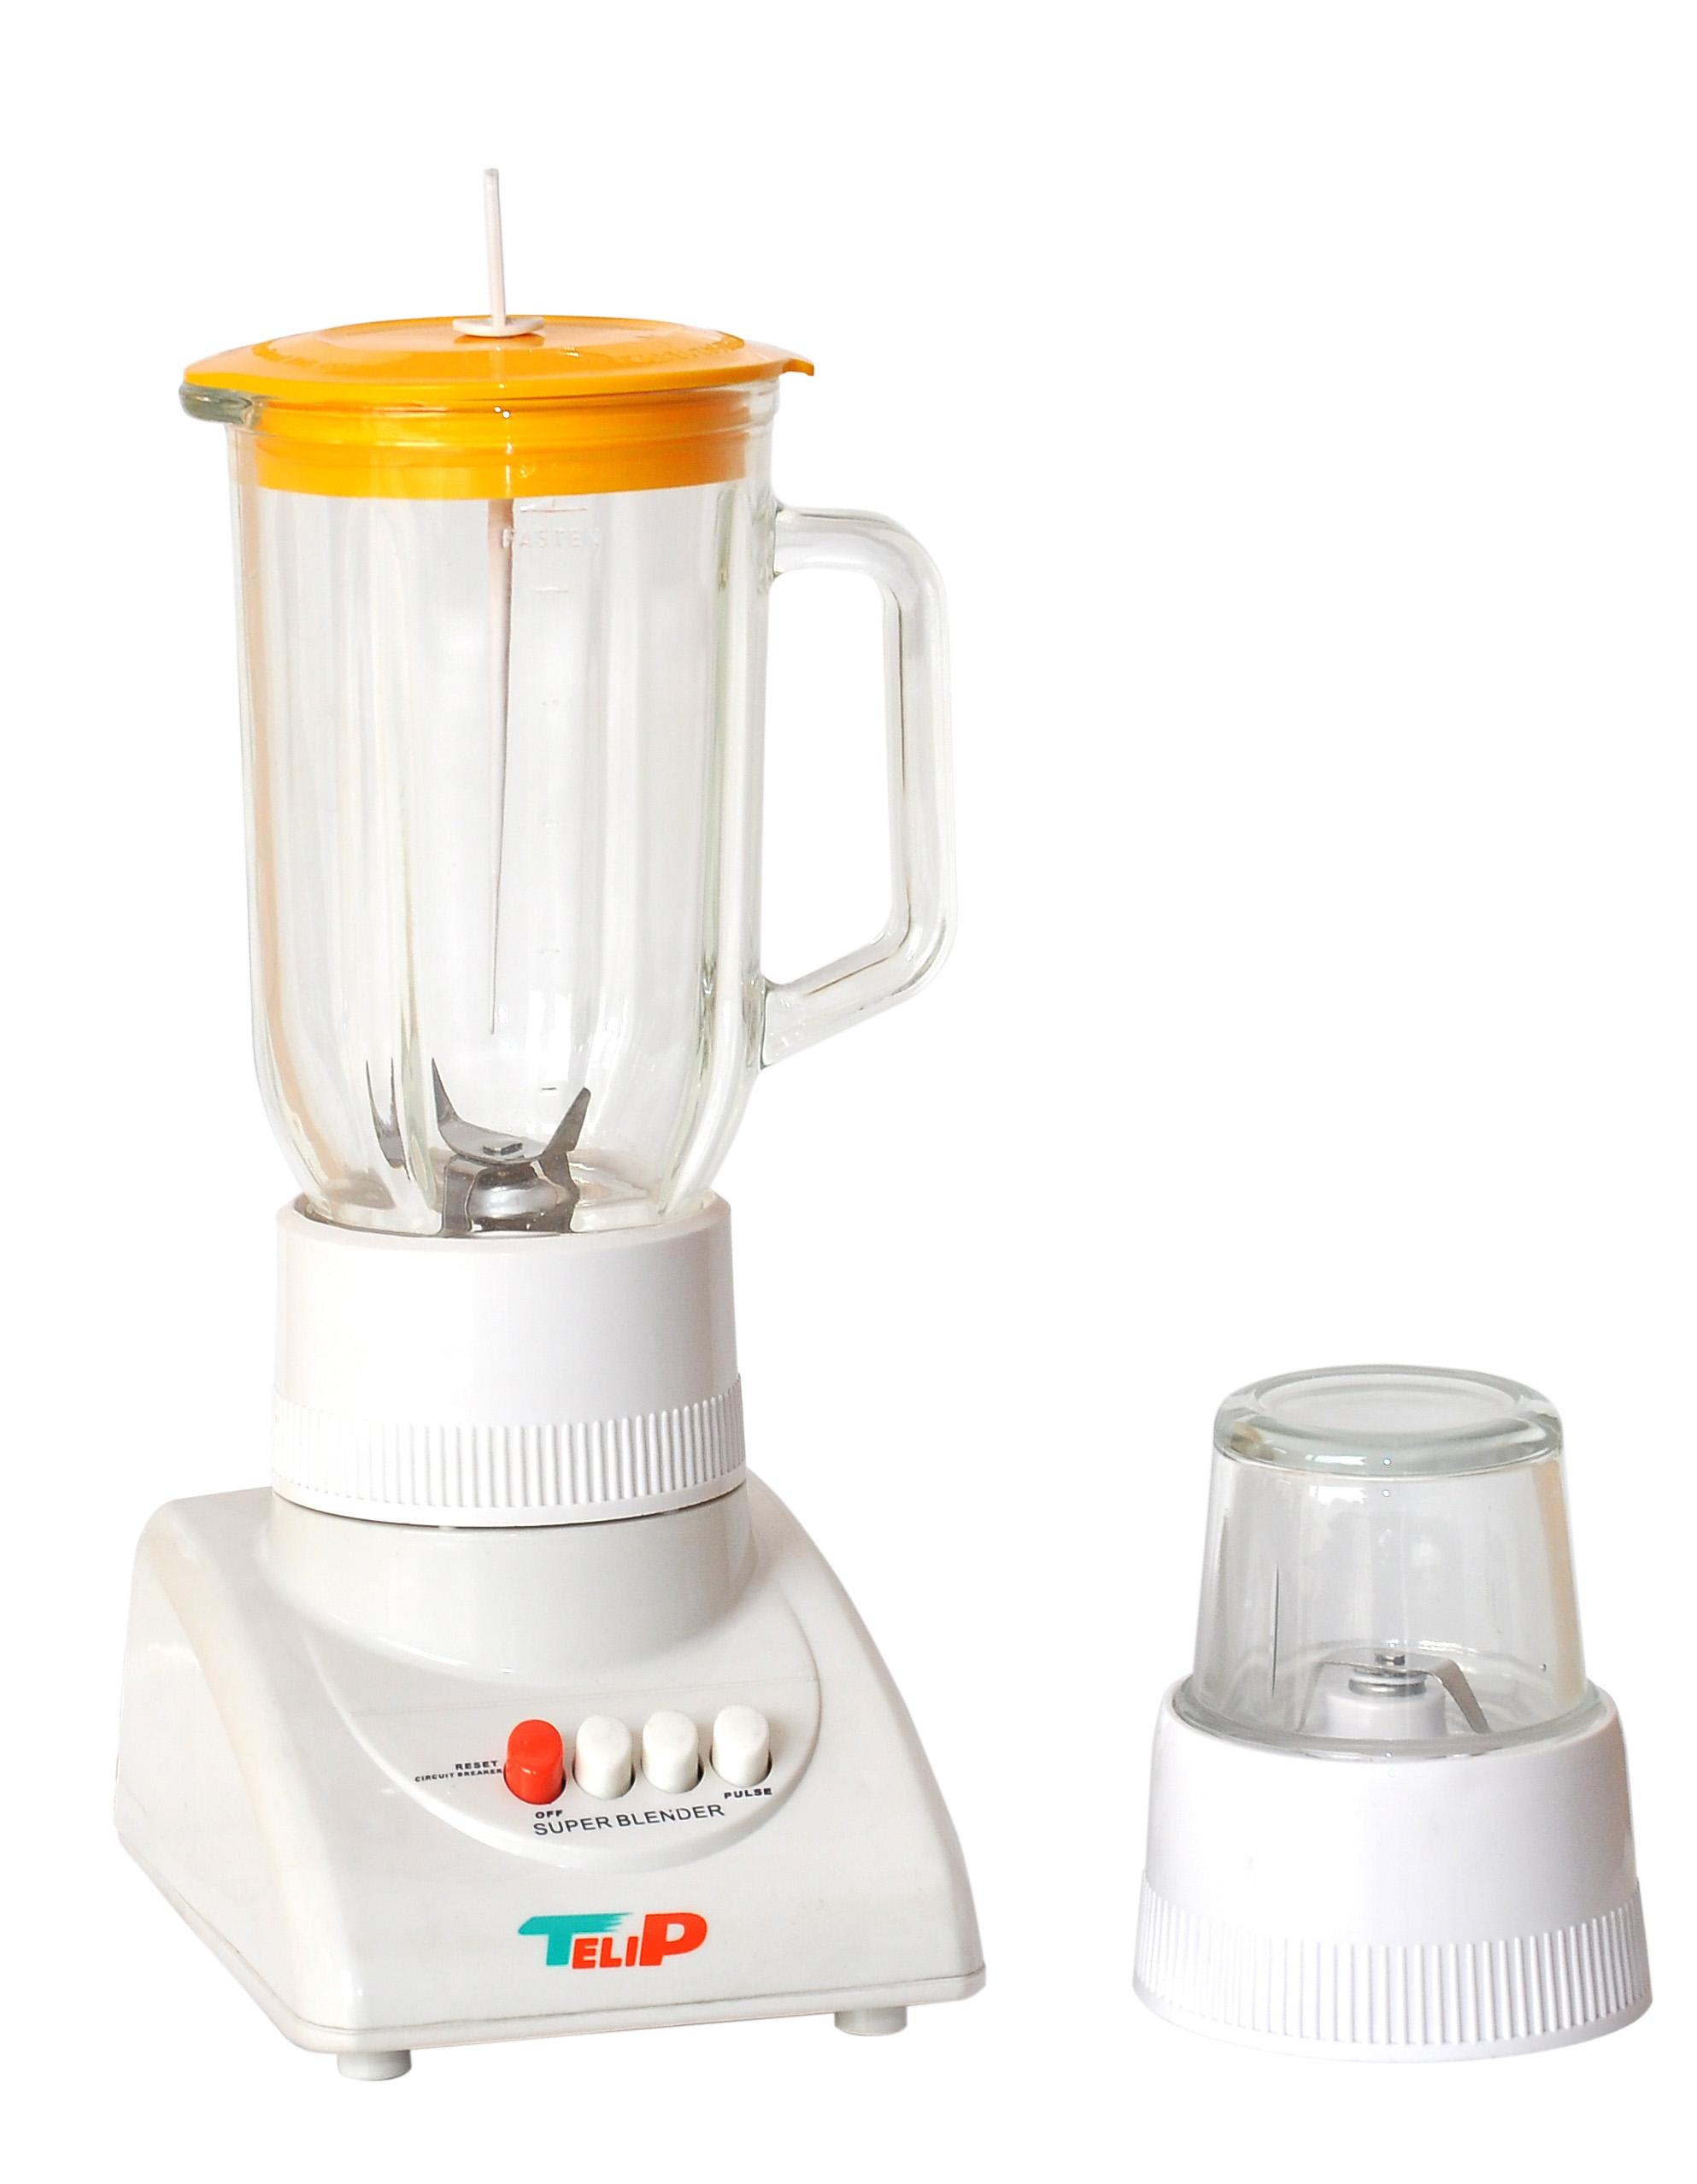 Juicer blender/2in1 glass jar